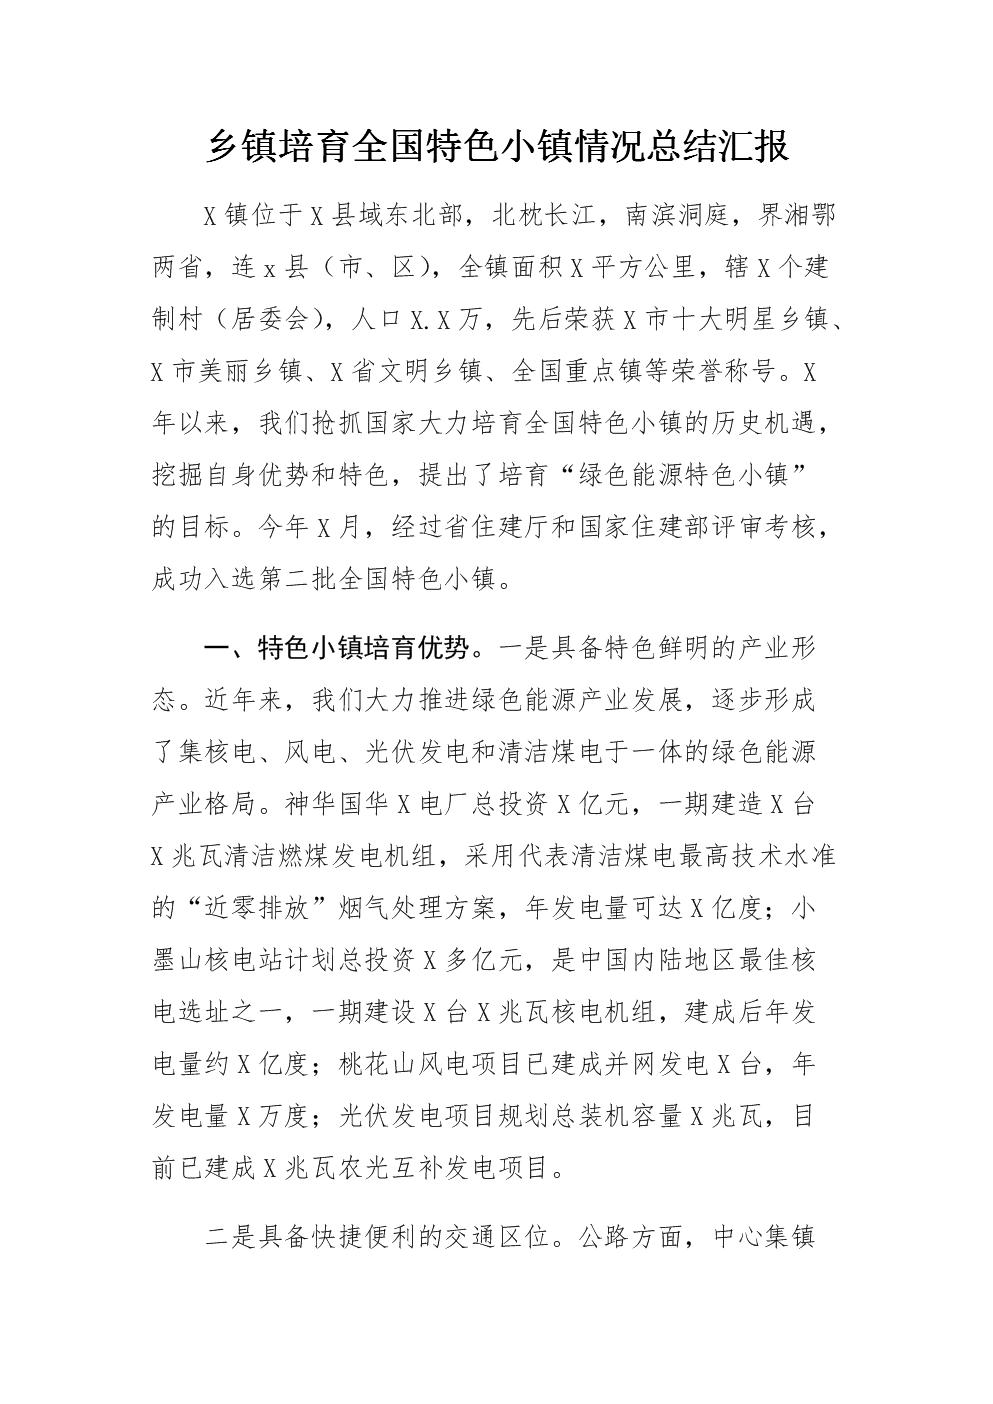 乡镇培育全国特色小镇情况总结汇报.docx